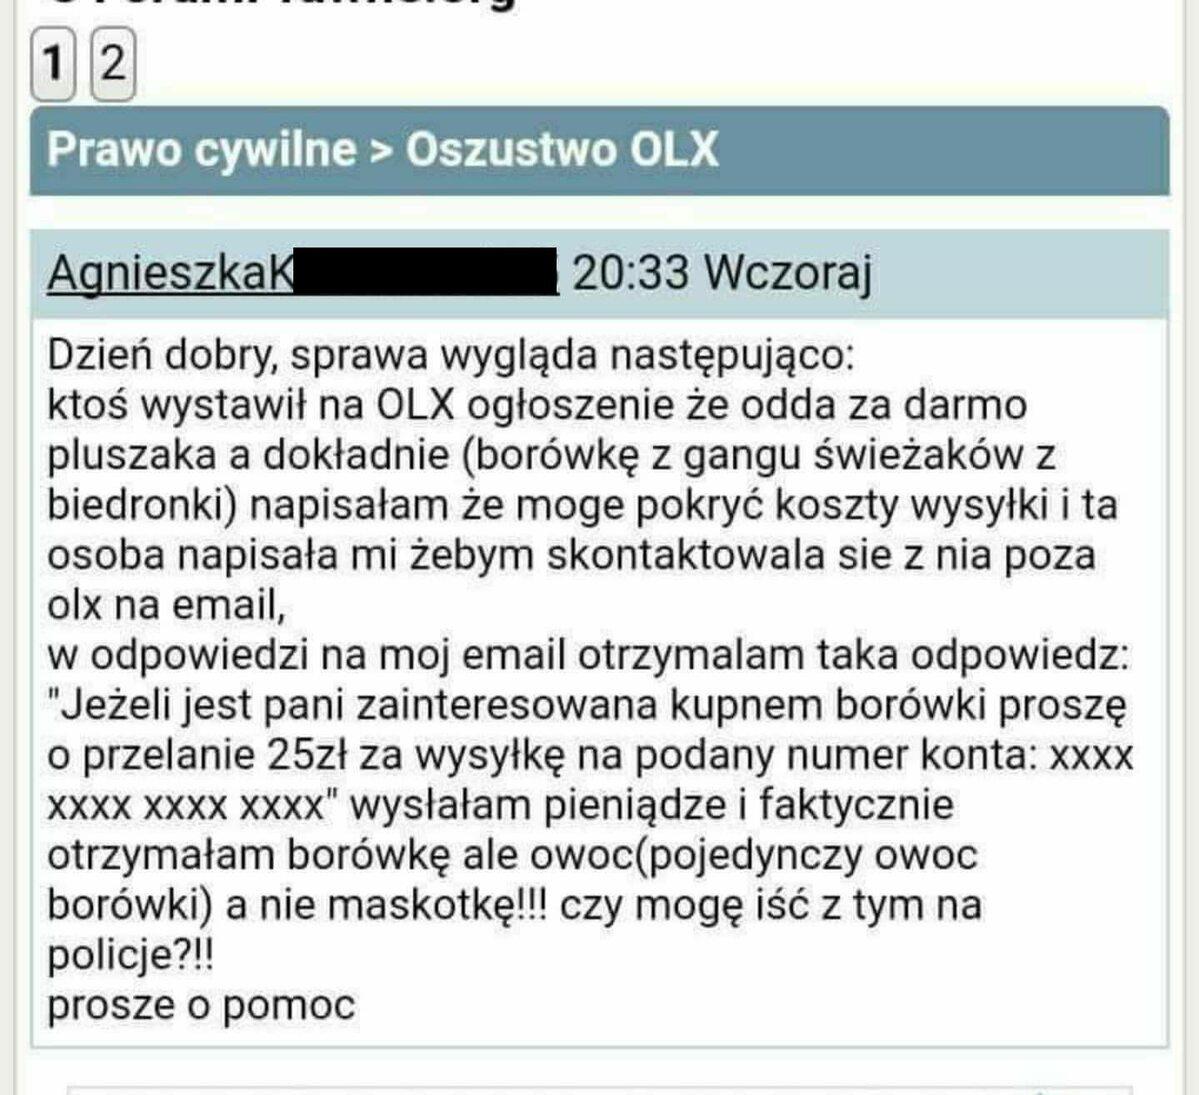 Problem zgłaszany przez oszukaną użytkowniczkę portalu internetowego OLX